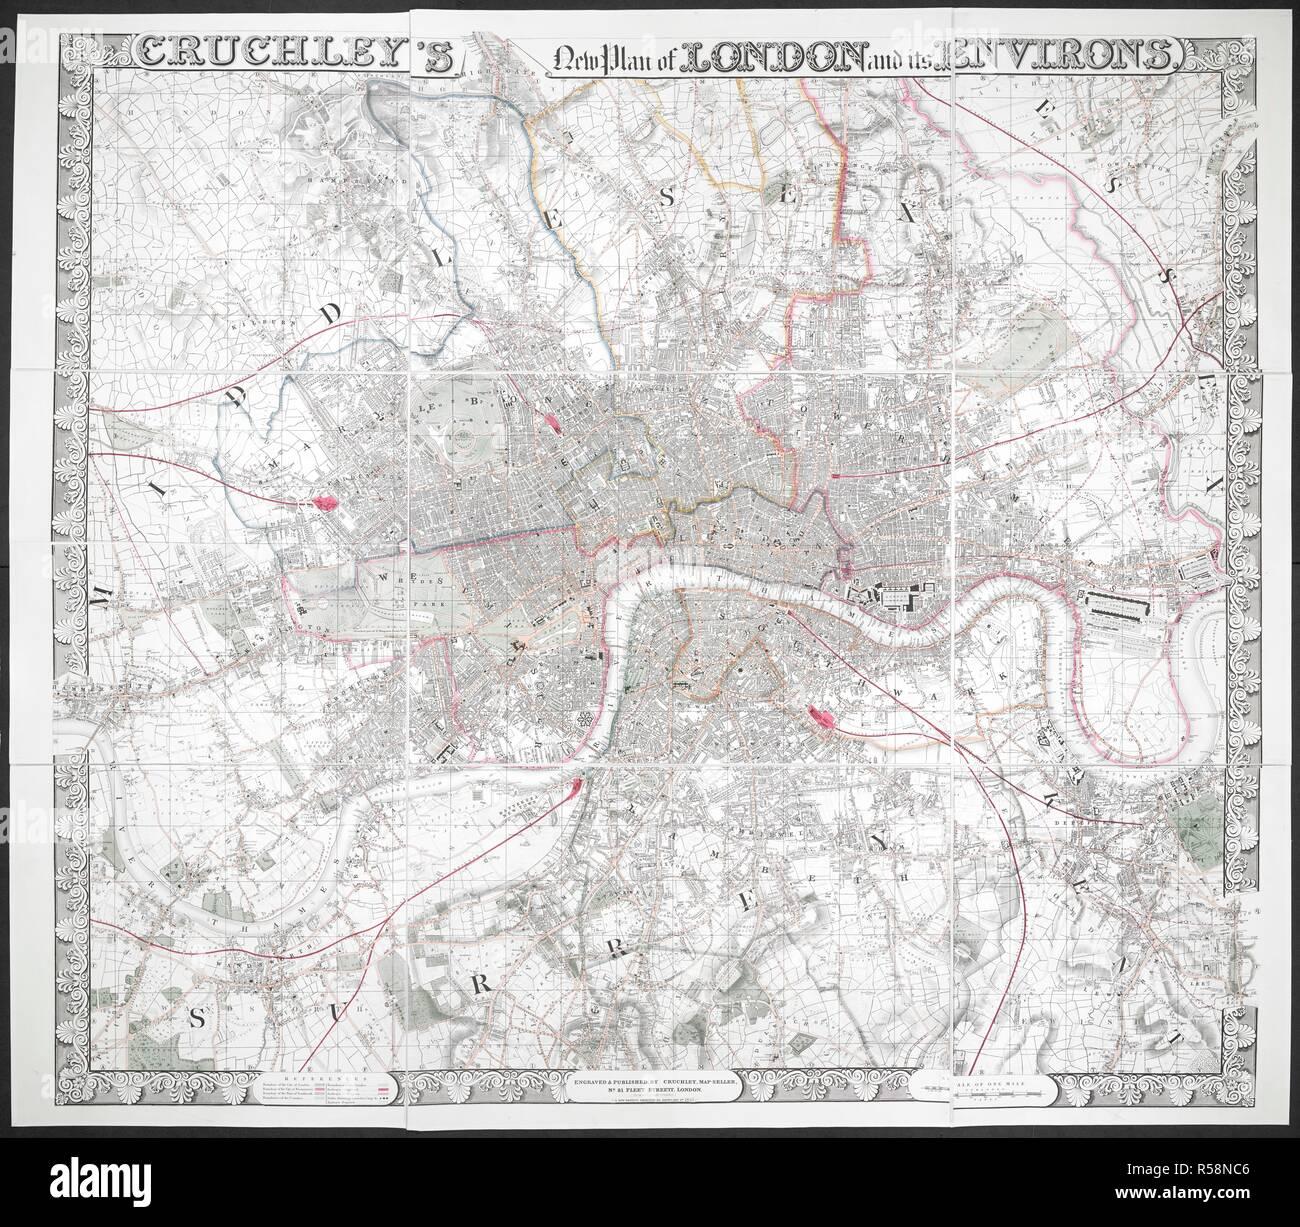 Map Of London Boroughs Stock Photos & Map Of London Boroughs